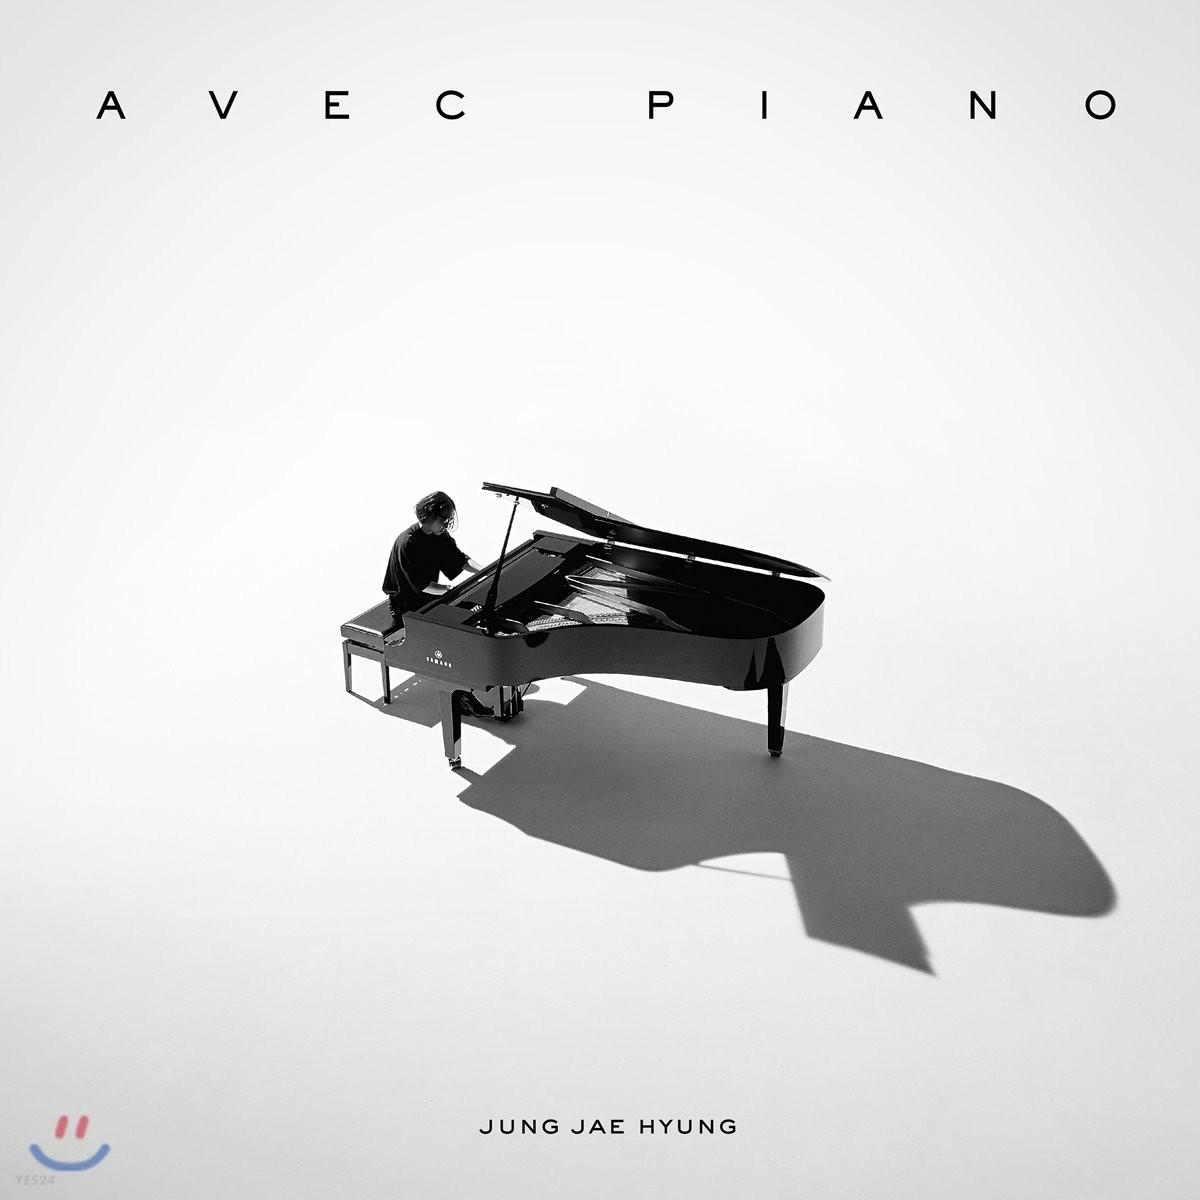 정재형 5집 - Avec Piano